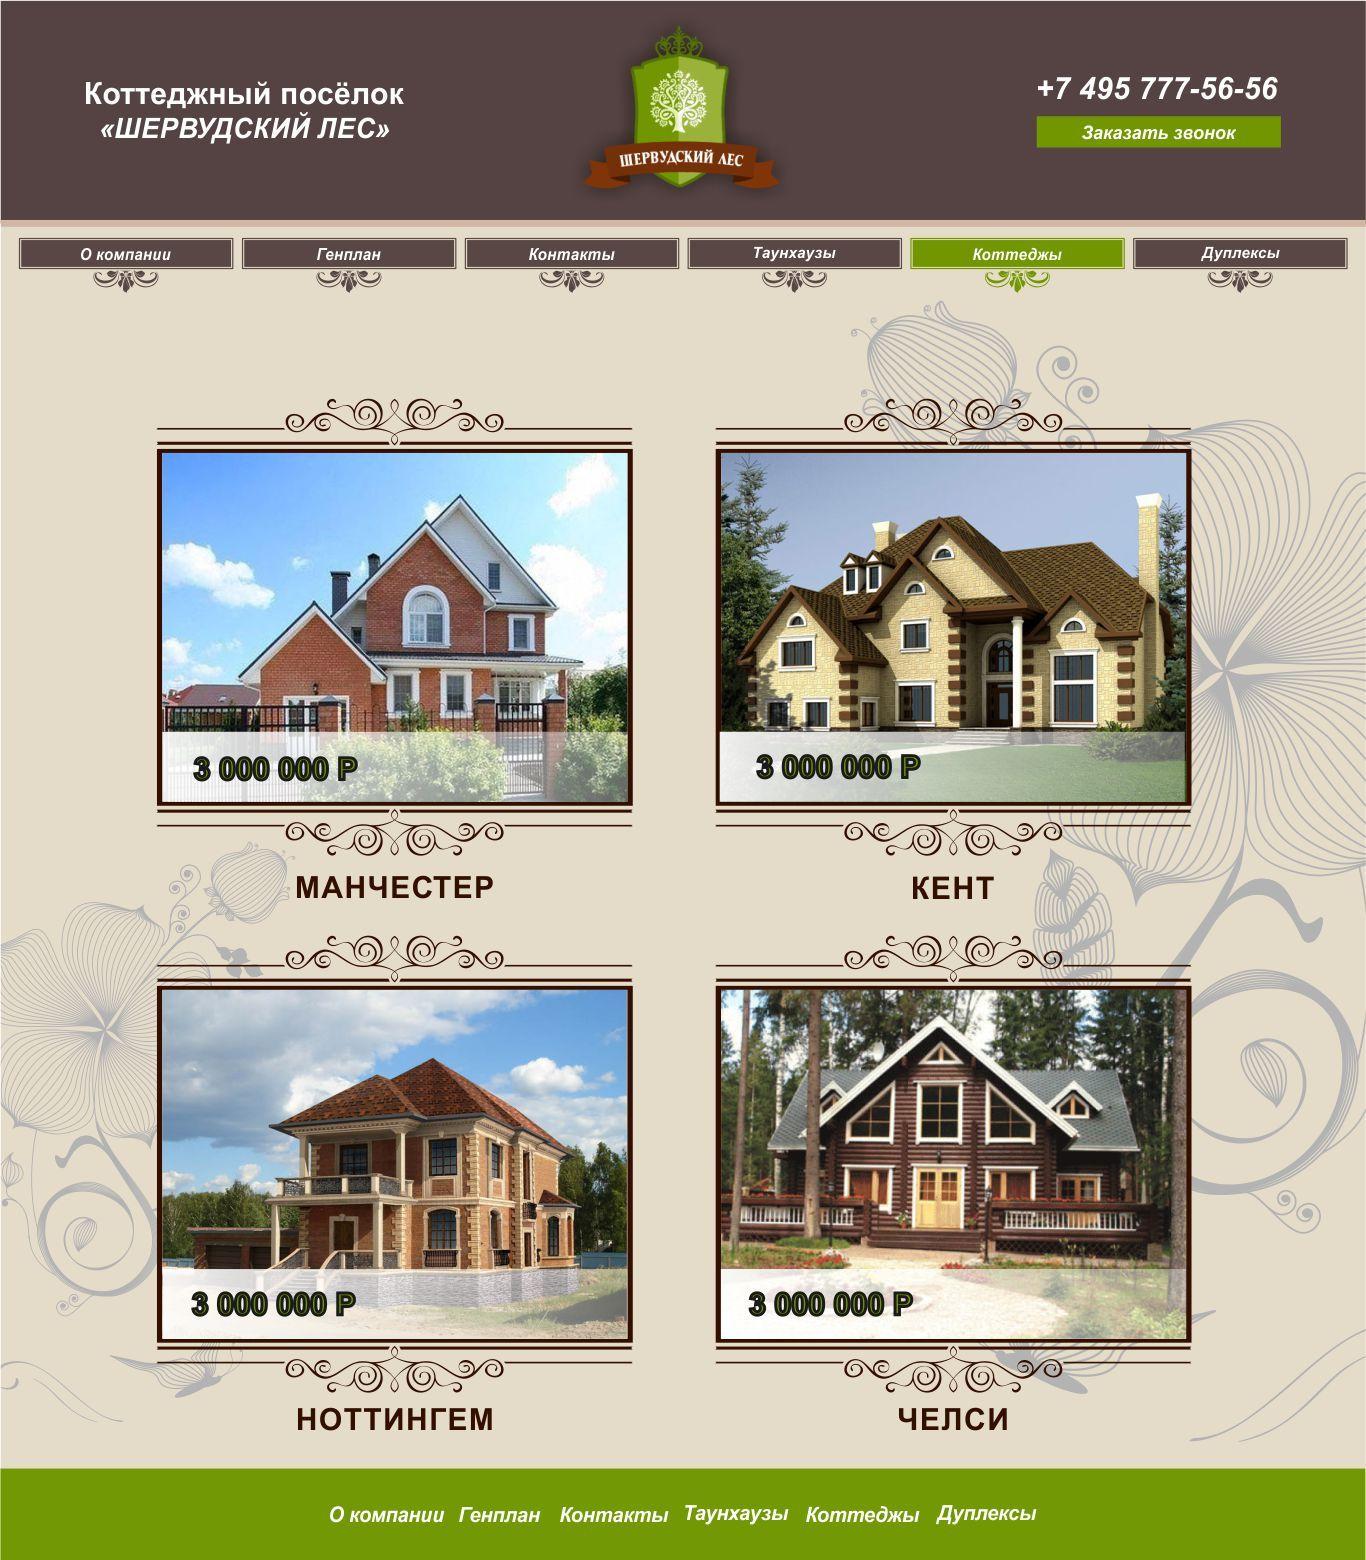 Сайт КП Шервудский Лес - дизайнер Azullin